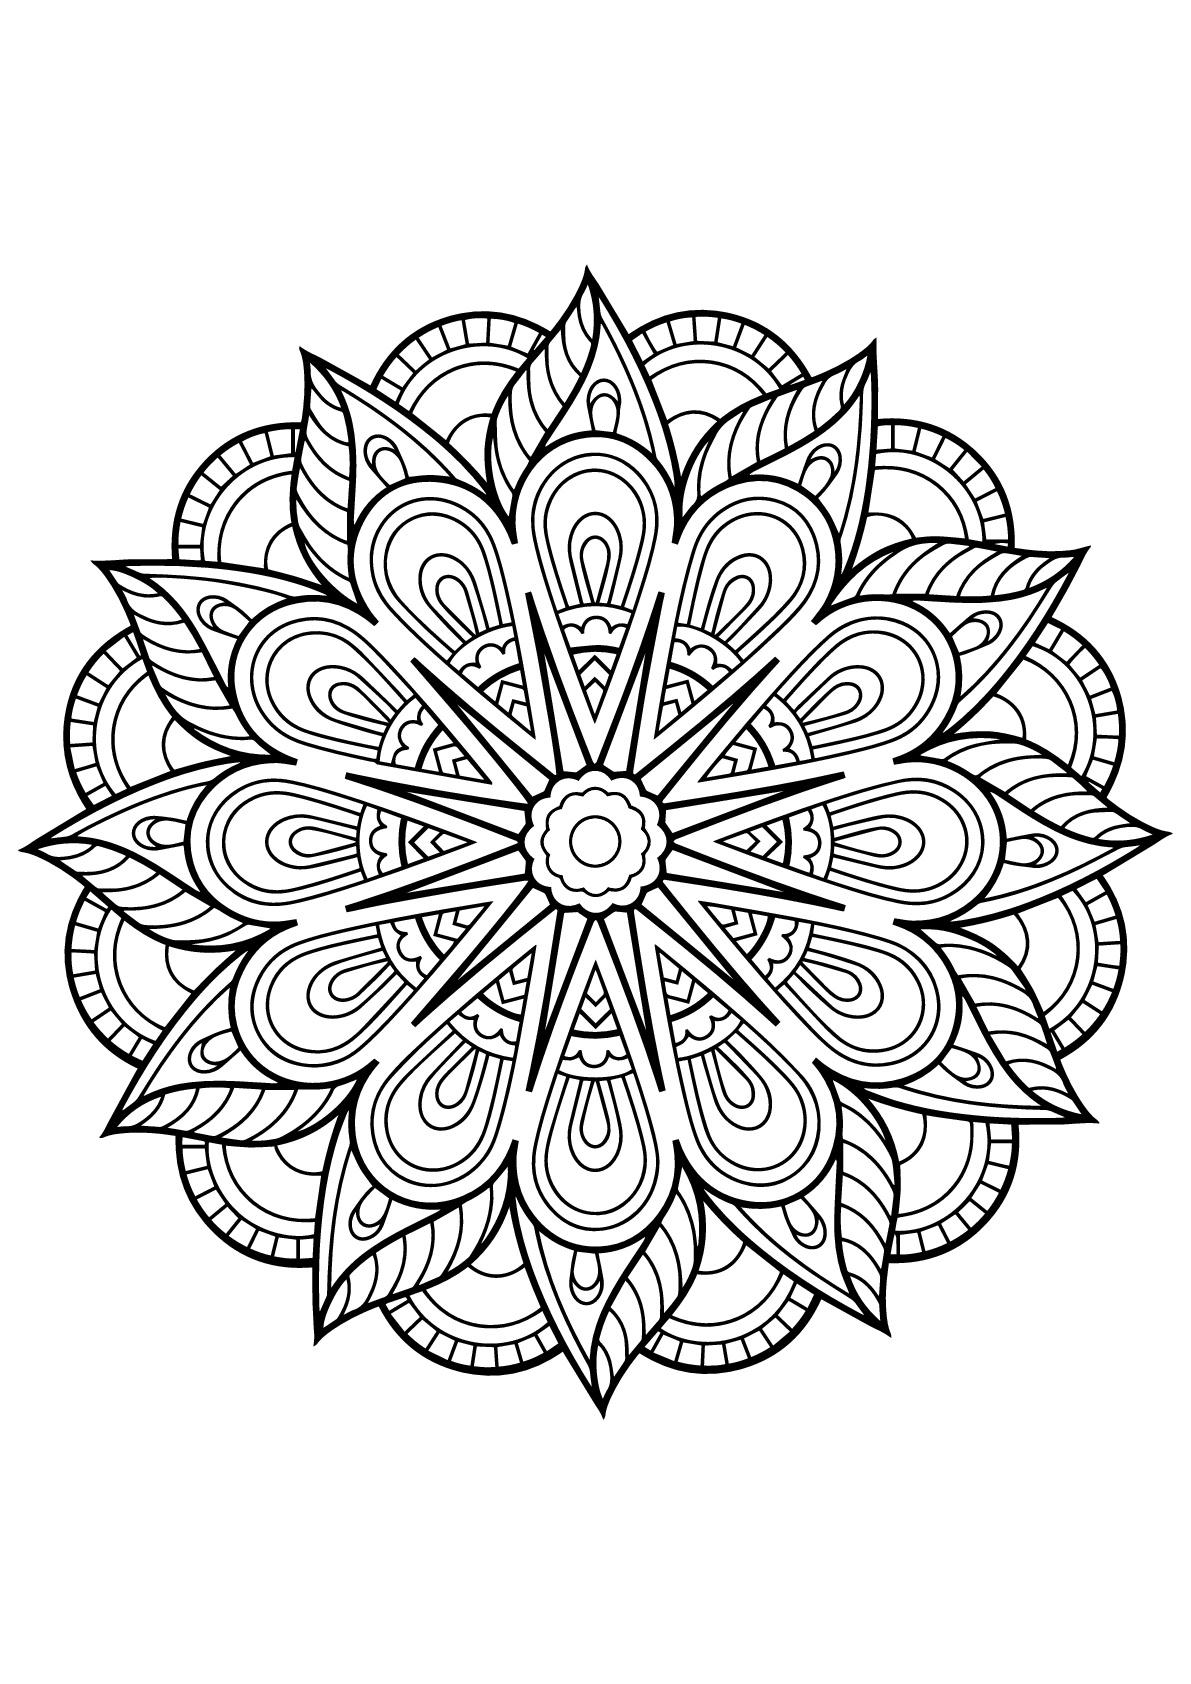 Mandala Livre Gratuit 1 - Mandalas - Coloriages Difficiles destiné Coloriage Adulte Mandala